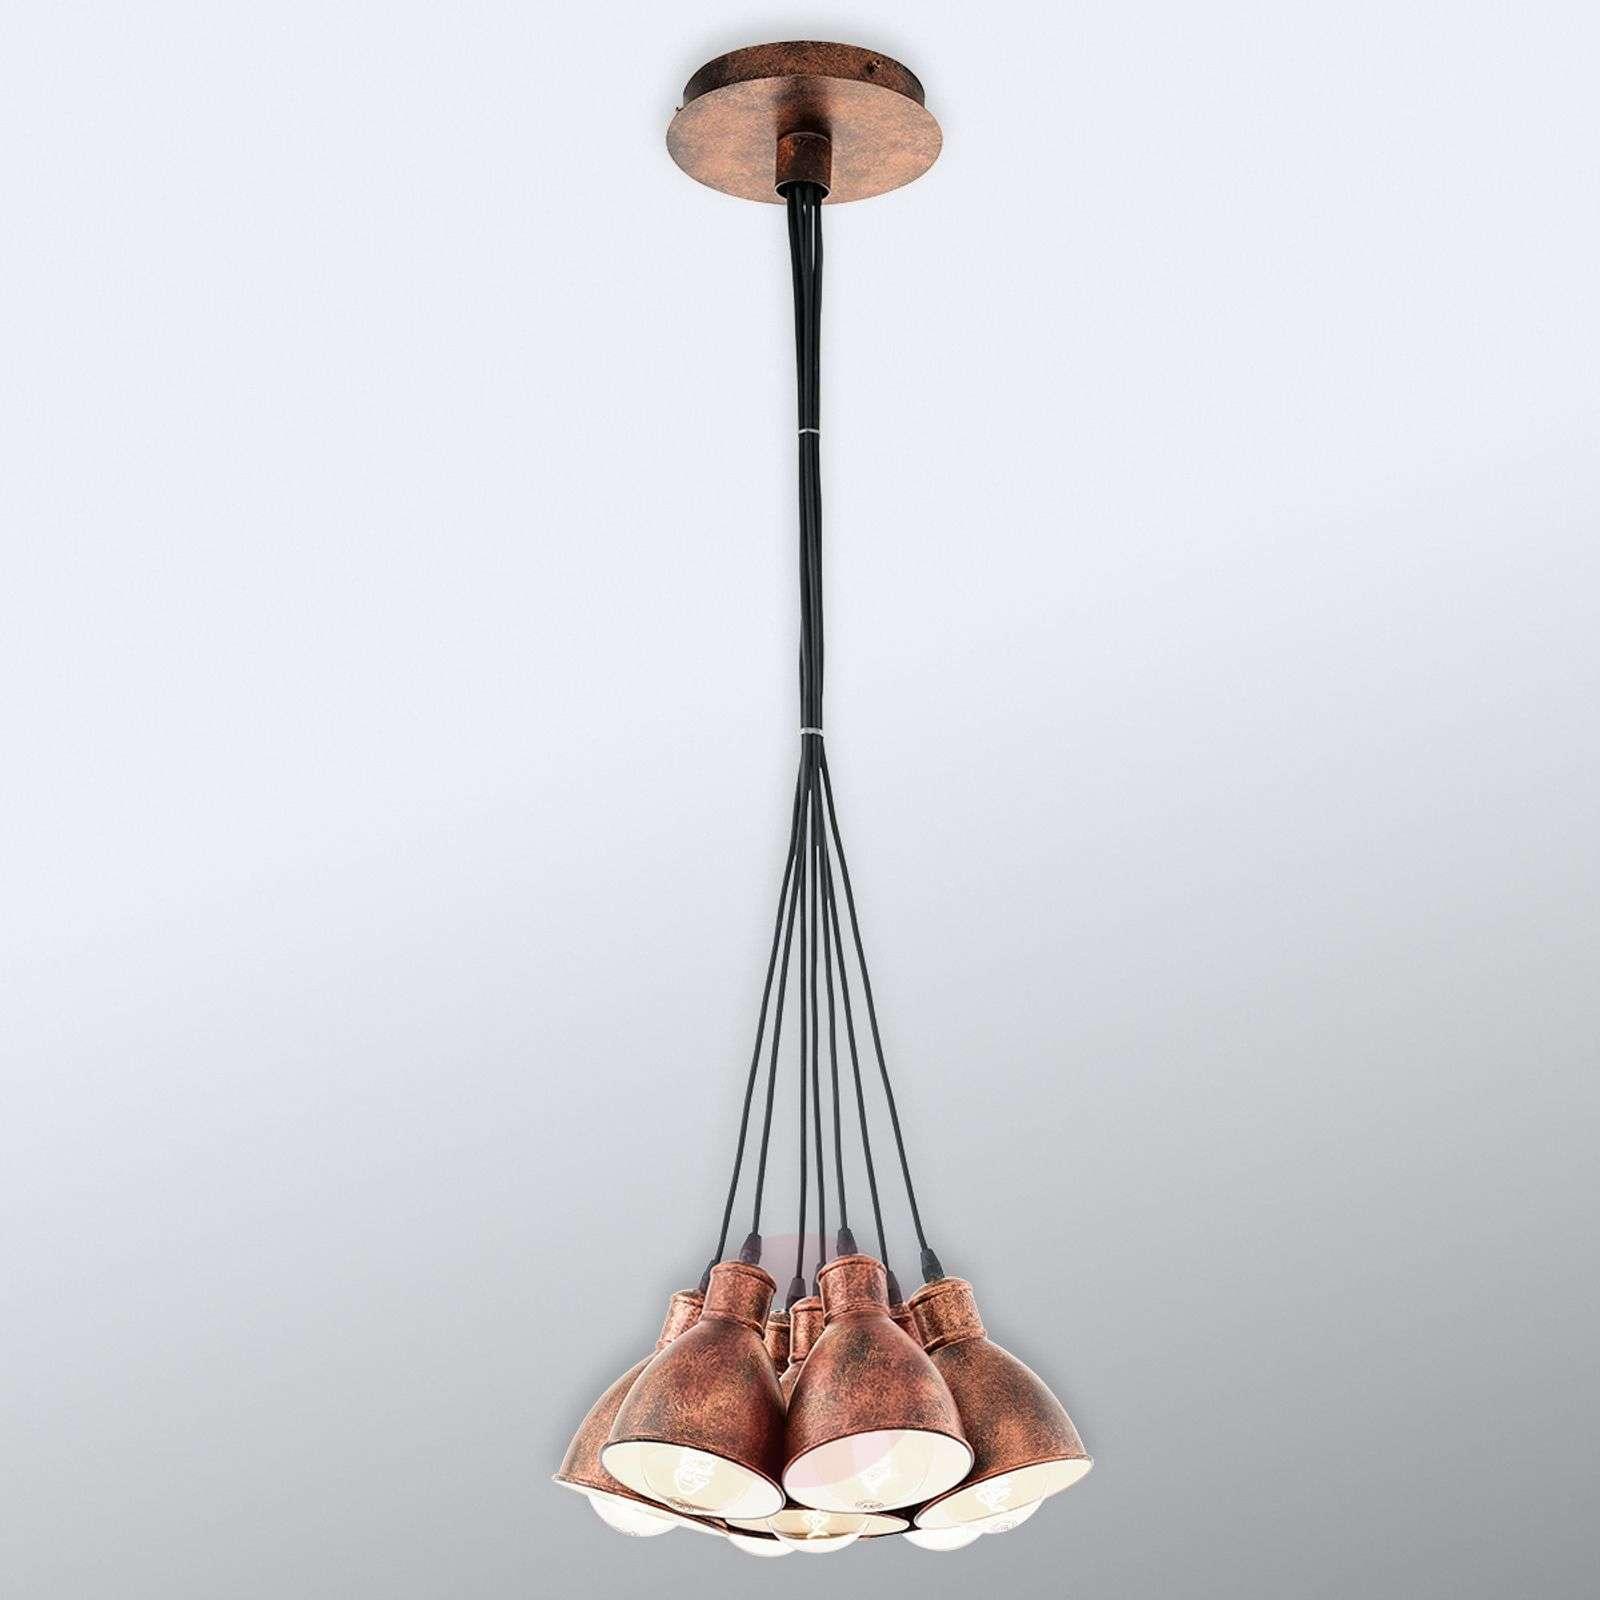 Seven-bulb Priddy 1 vintage hanging light-3031785-01